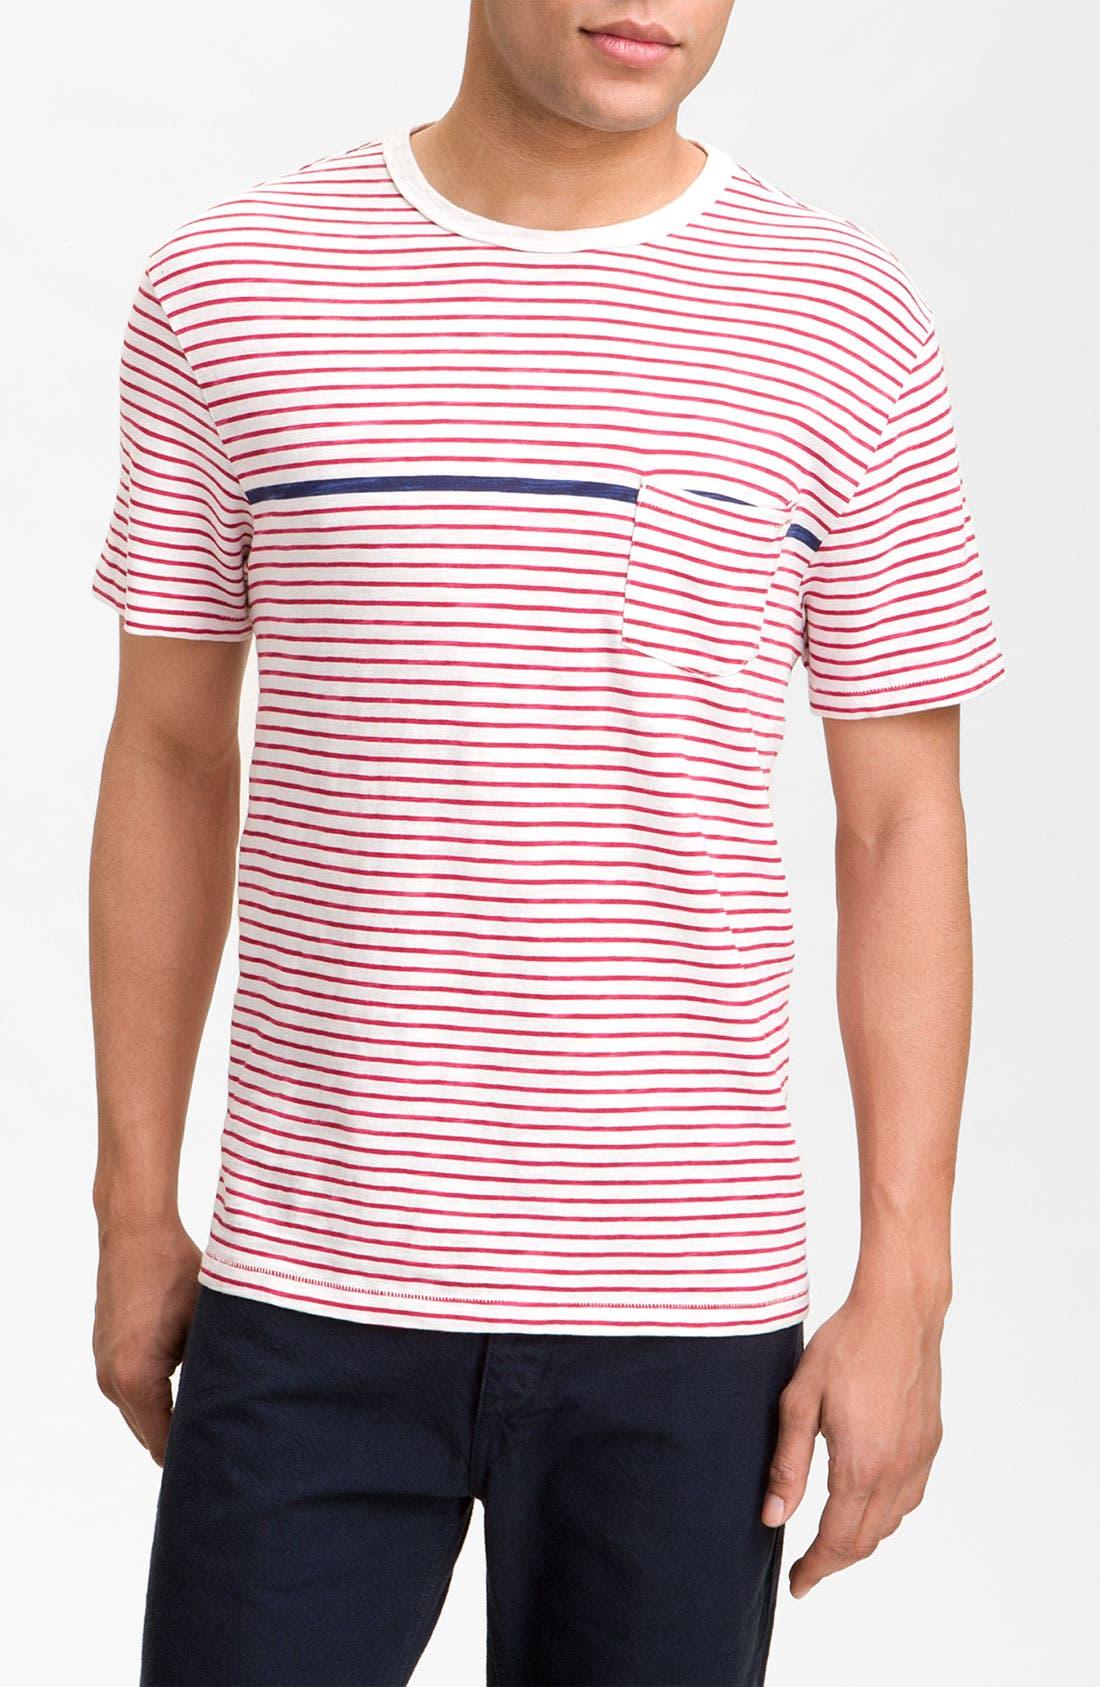 Main Image - rag & bone Stripe Pocket T-Shirt